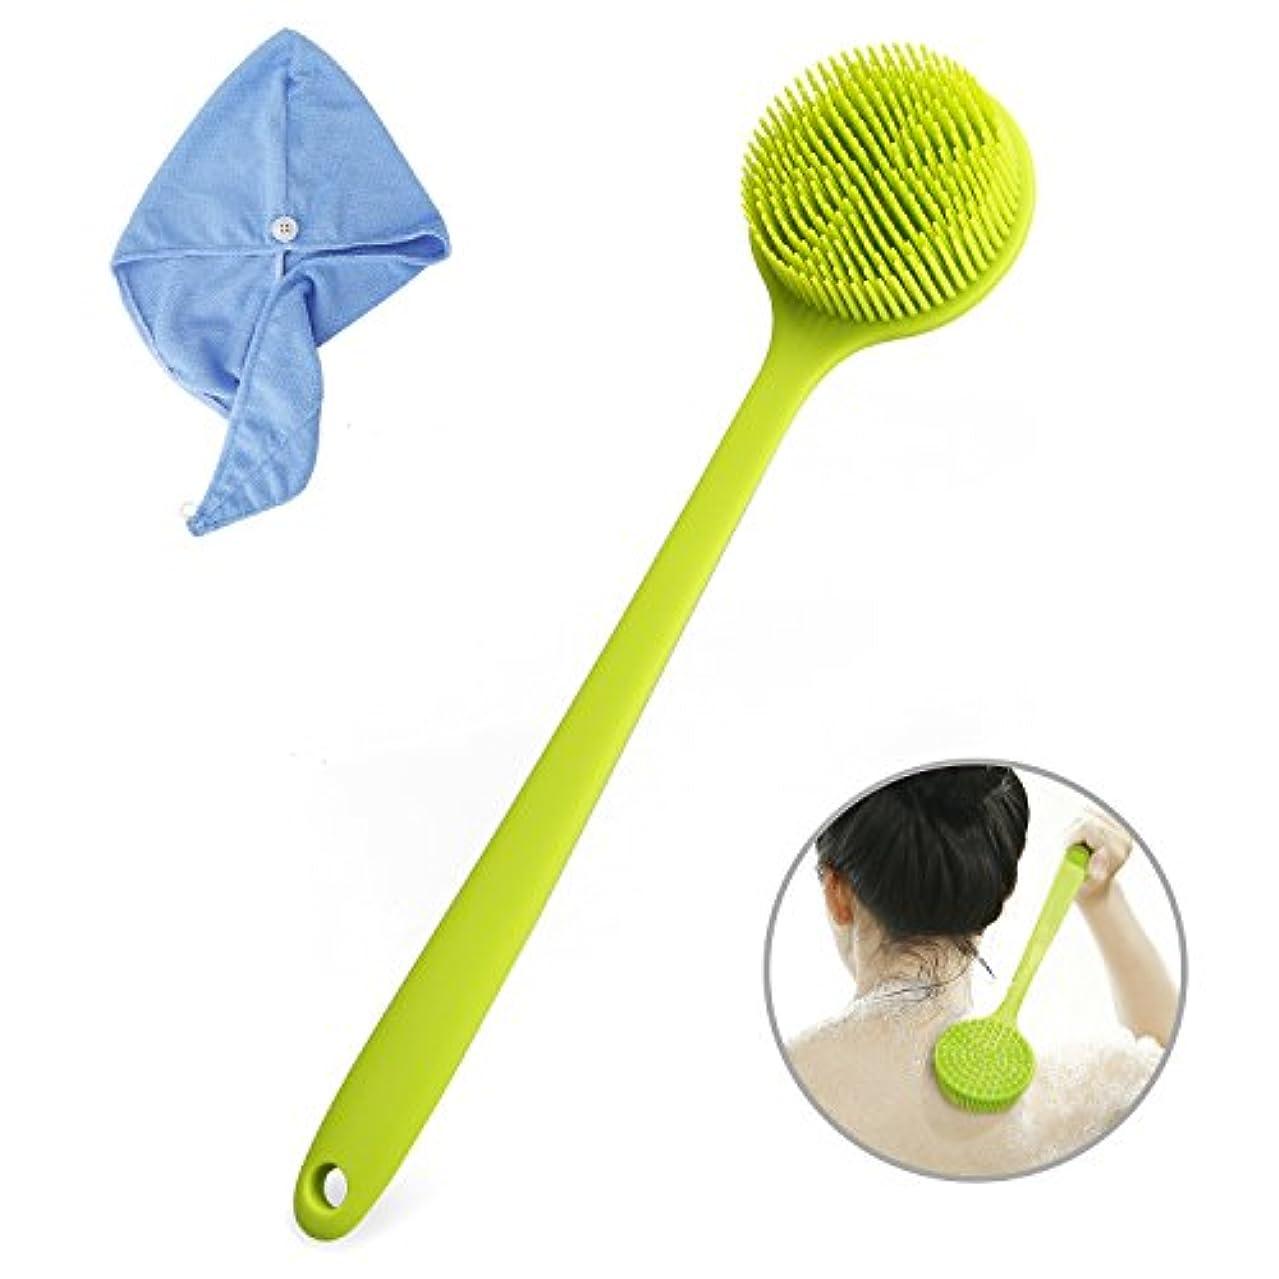 重要性添加ハチYOUKUKE ボディブラシ シャワーブラシ 無印 全身 ブラシ 背中 長柄 柔らかい ヘアキャップ付き 抜け毛ない 臭いしない